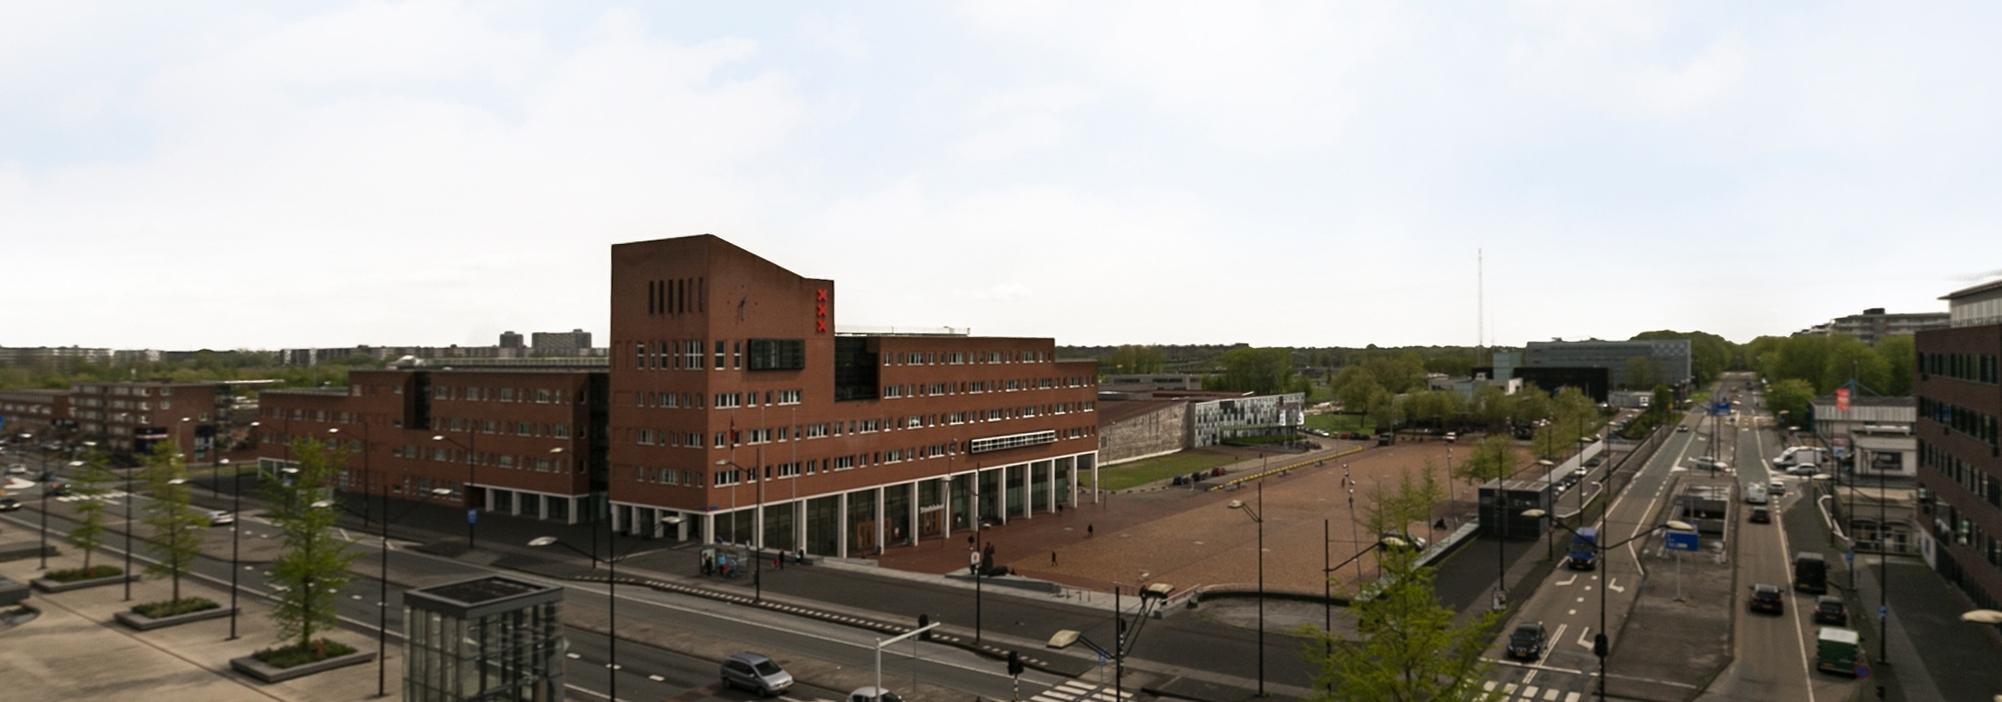 Bijlmerdreef 302 Amsterdam